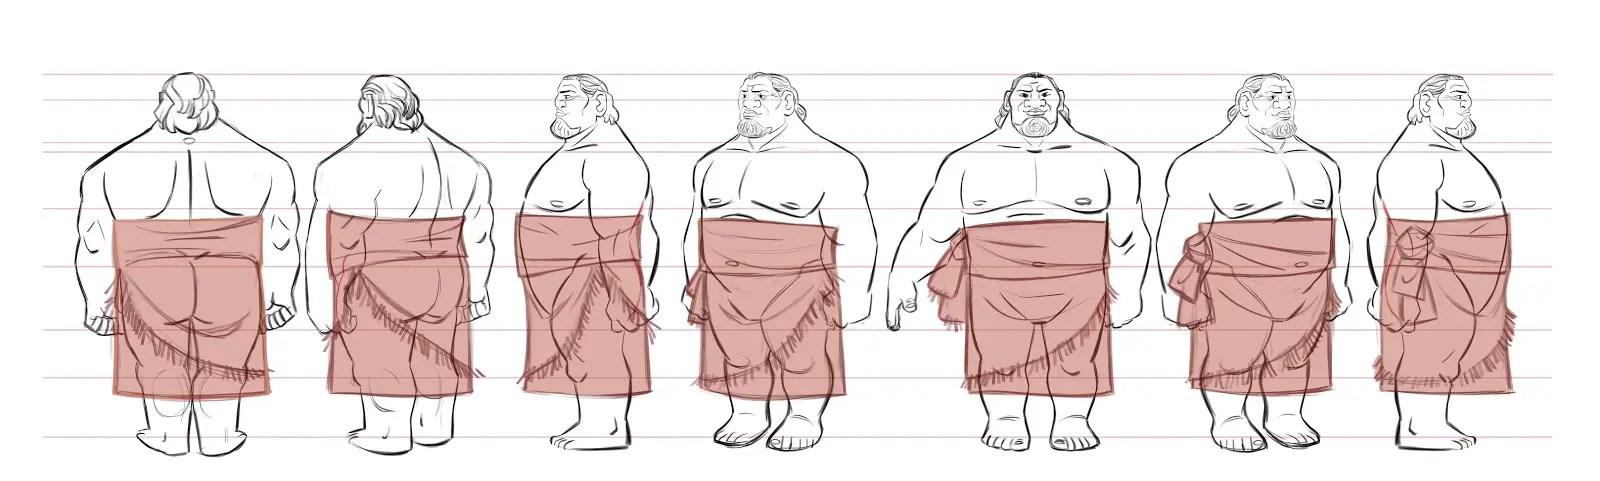 Curso diseño de personajes online